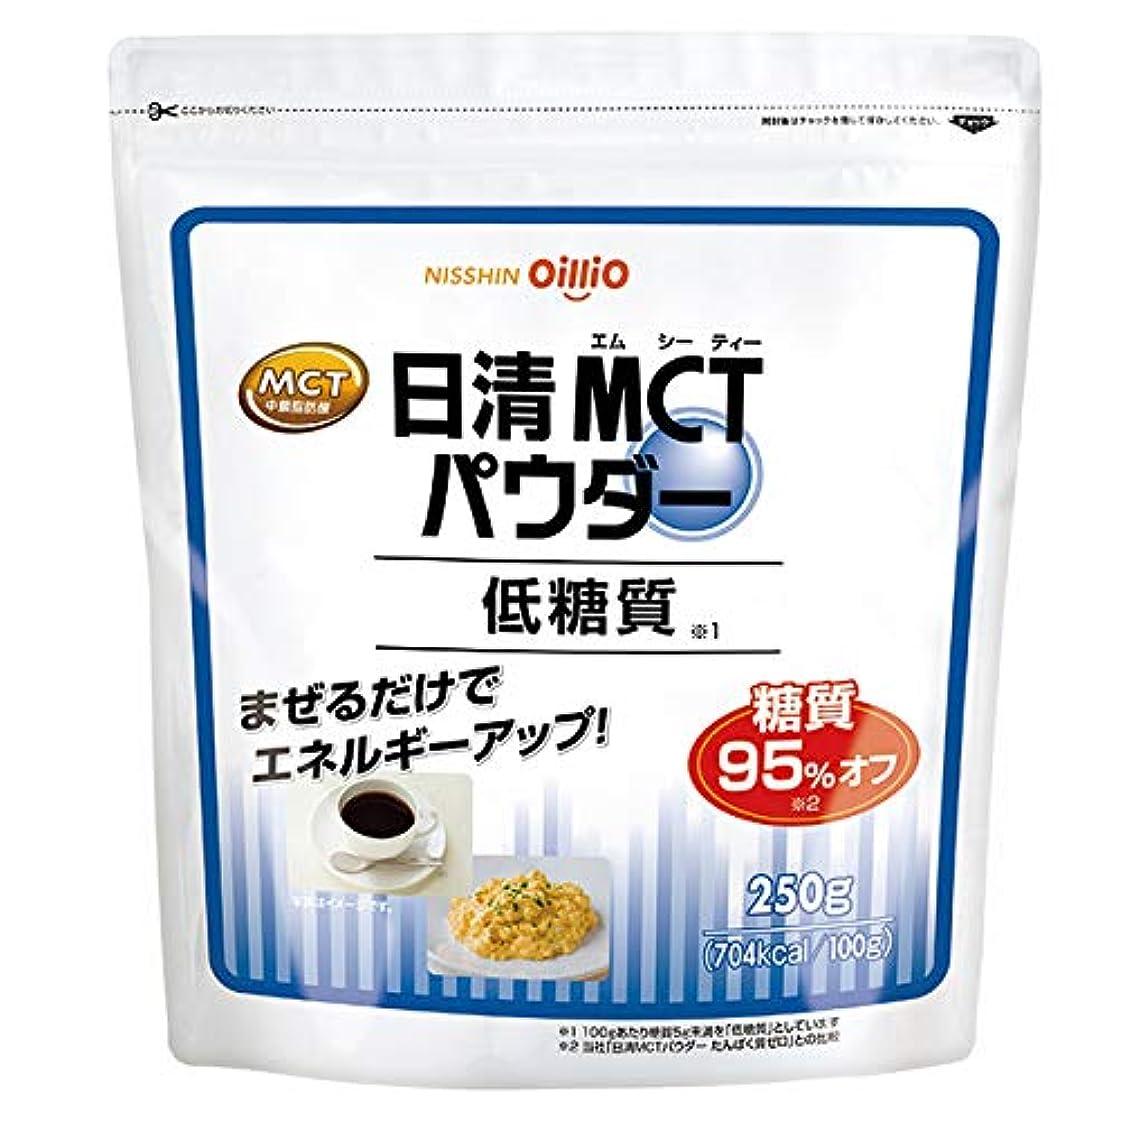 刺激する配送適応日清MCTパウダー 低糖質 250g